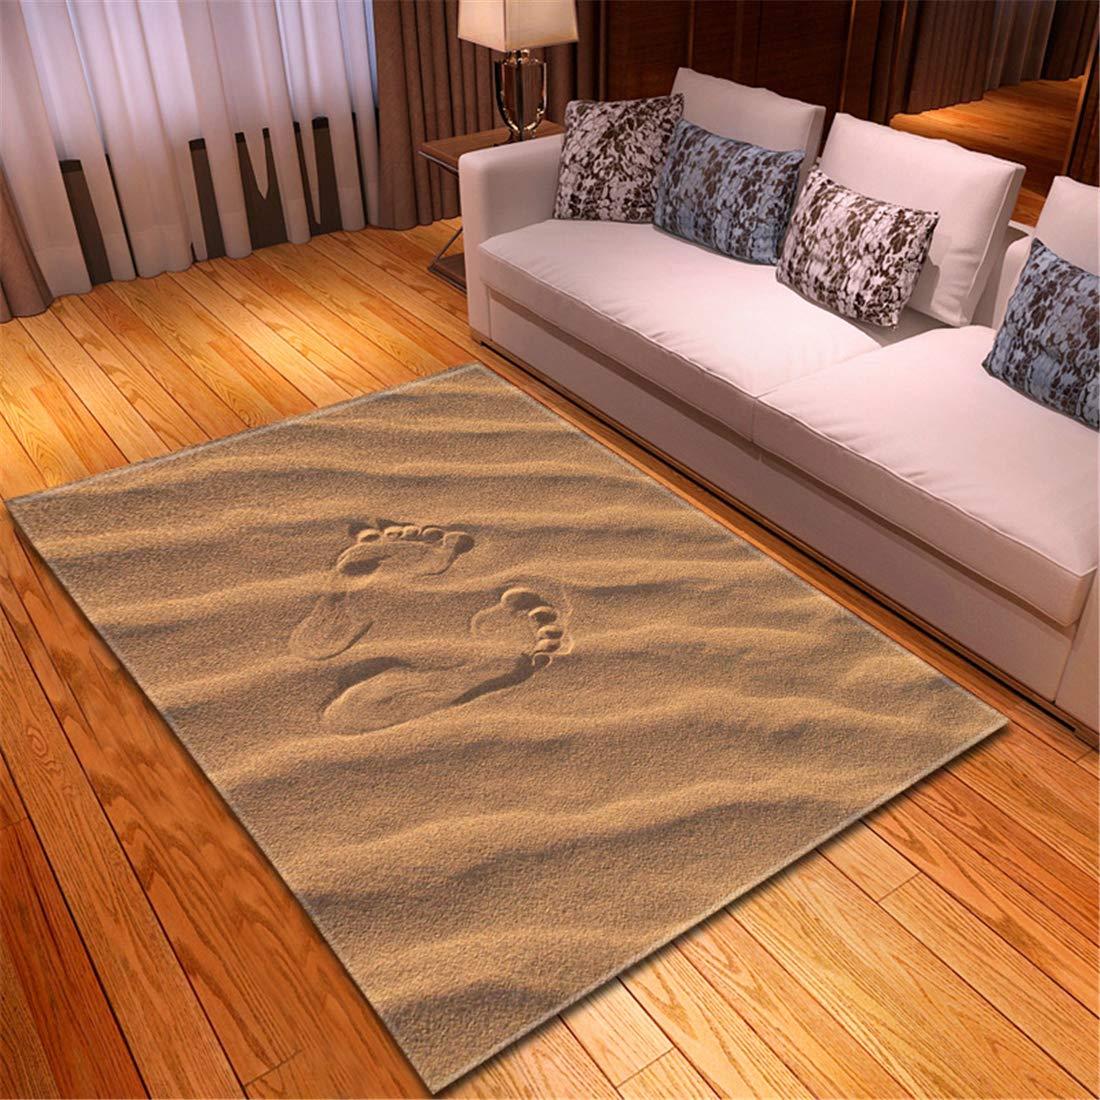 大きいラグ 絨毯 買取ラグ パネル147X213CMビーチビーチの足跡美しいカーペット寝室ダイニングルームマットリビングルームポリエステル世帯機械織り B07RVJFZCY